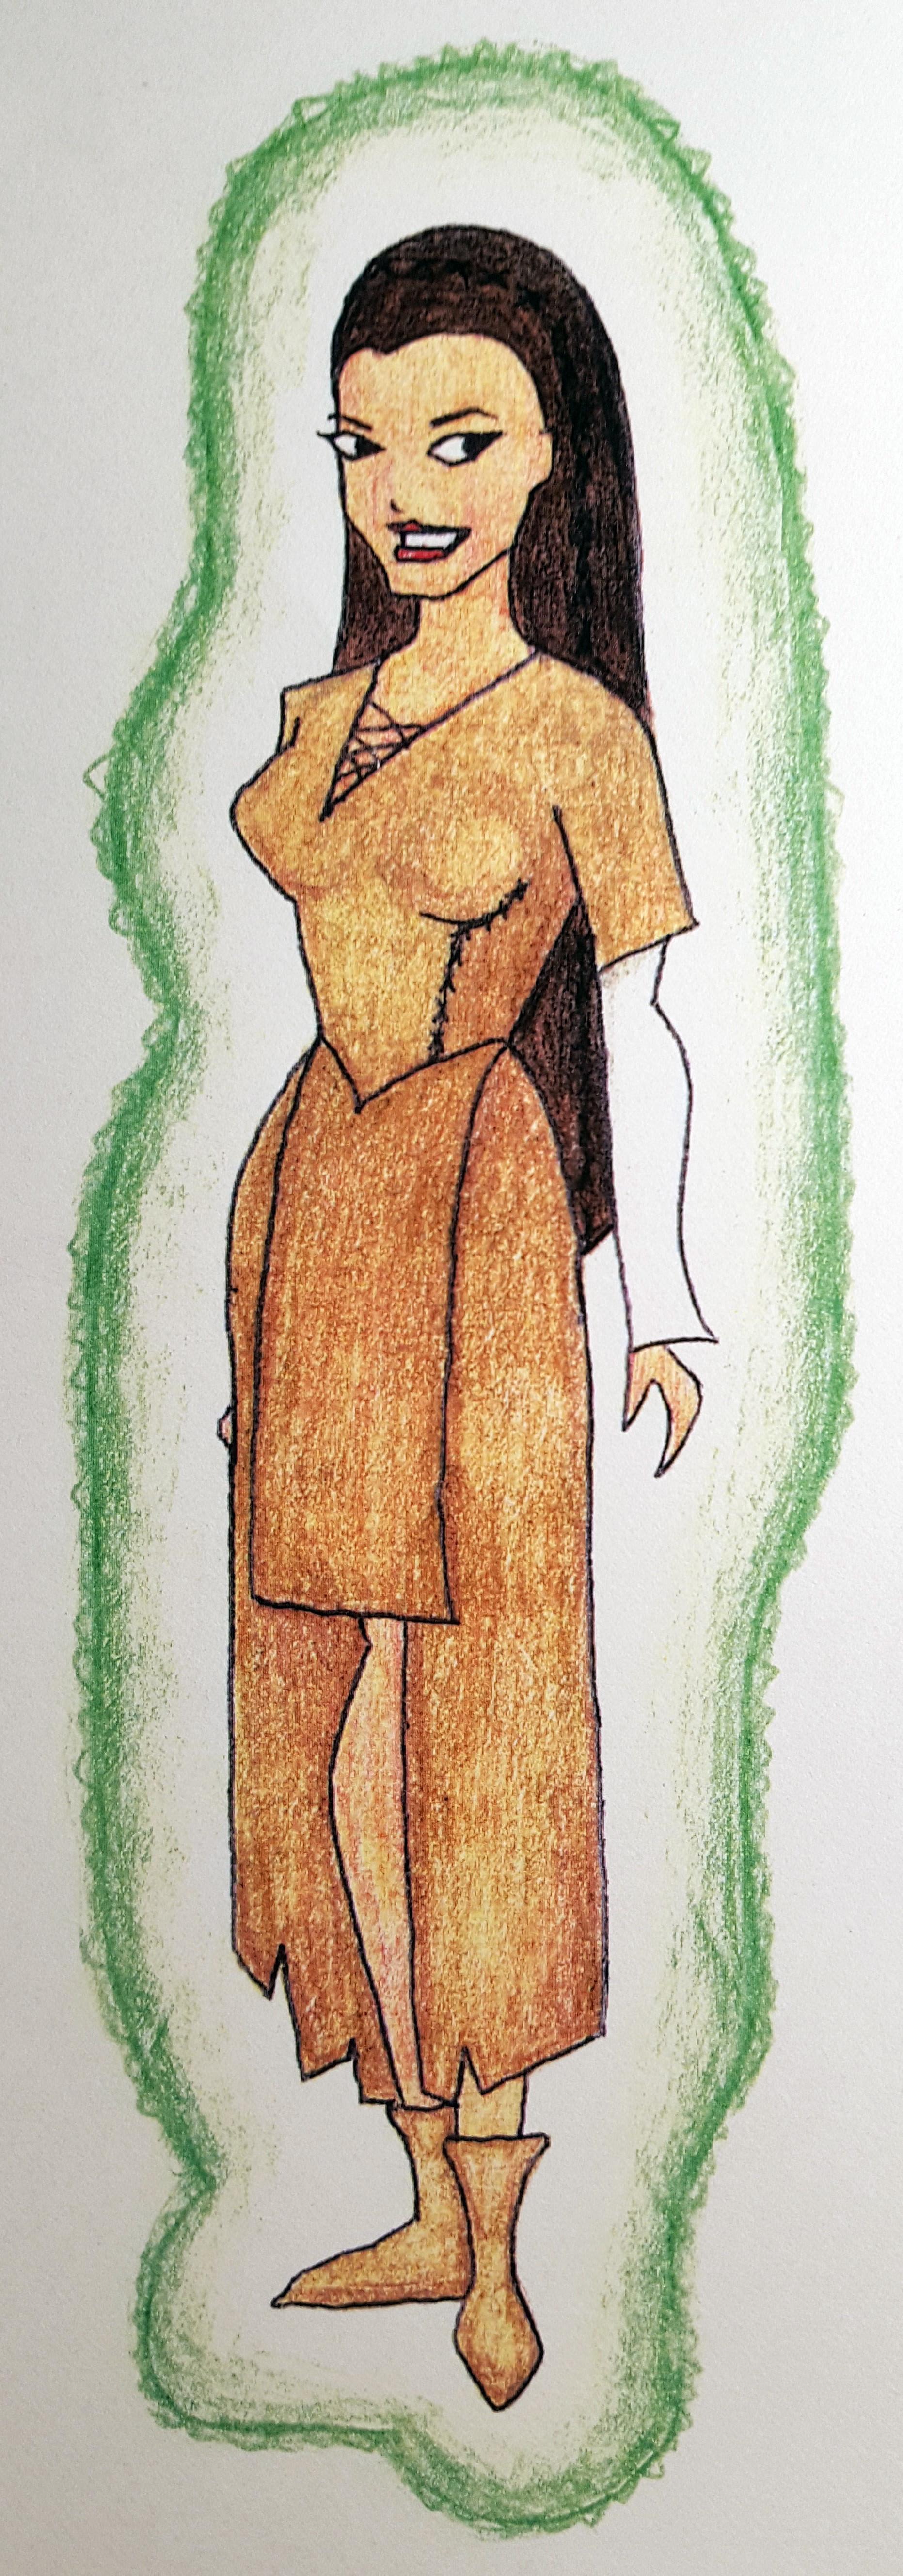 Benni amato swg leia costumes s1 ewok princess